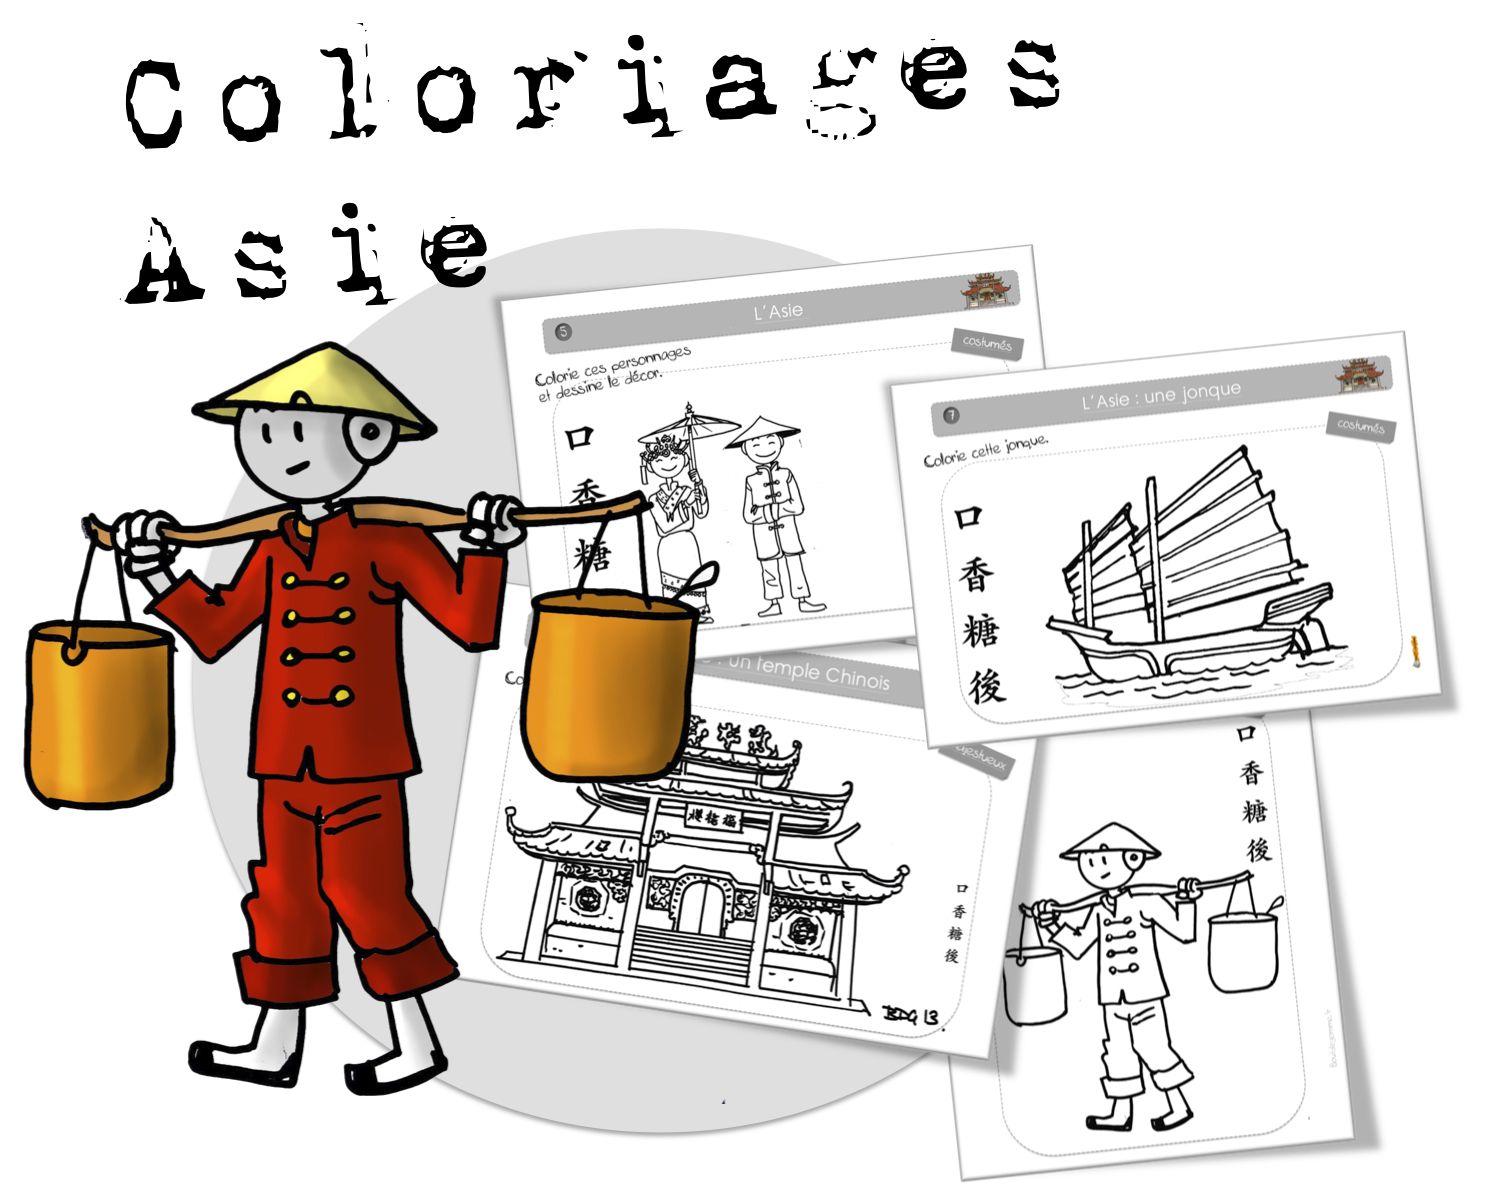 Coloriages par bdg l 39 asie bout de gomme autour du monde asie coloriage et chine maternelle - Coloriage de chine ...